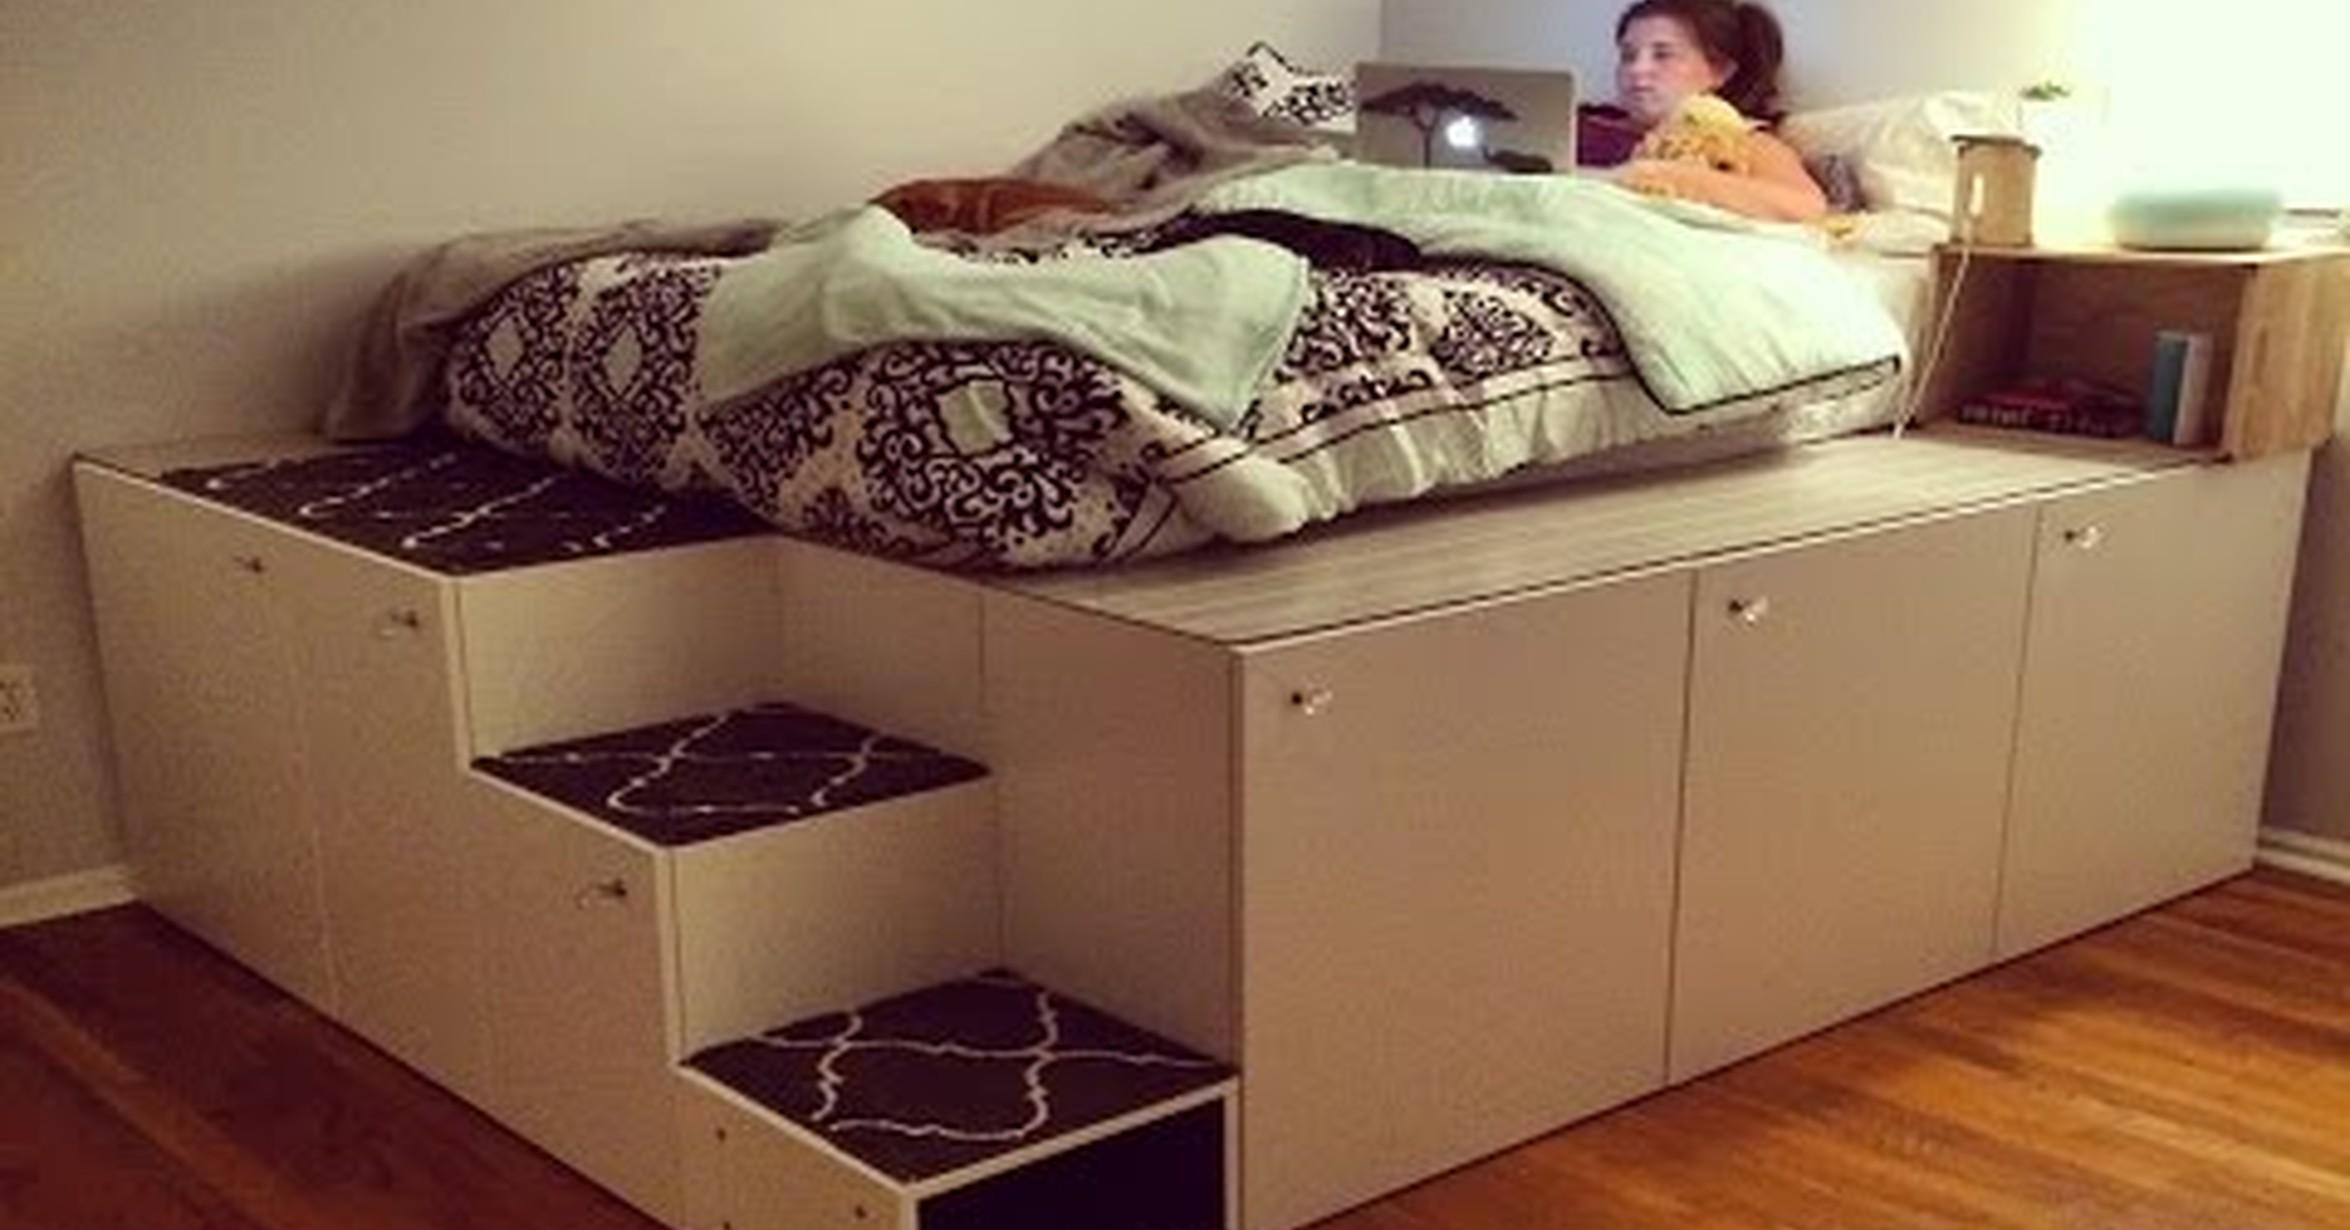 montando una increble plataforma para la cama a partir de otros muebles del ikea